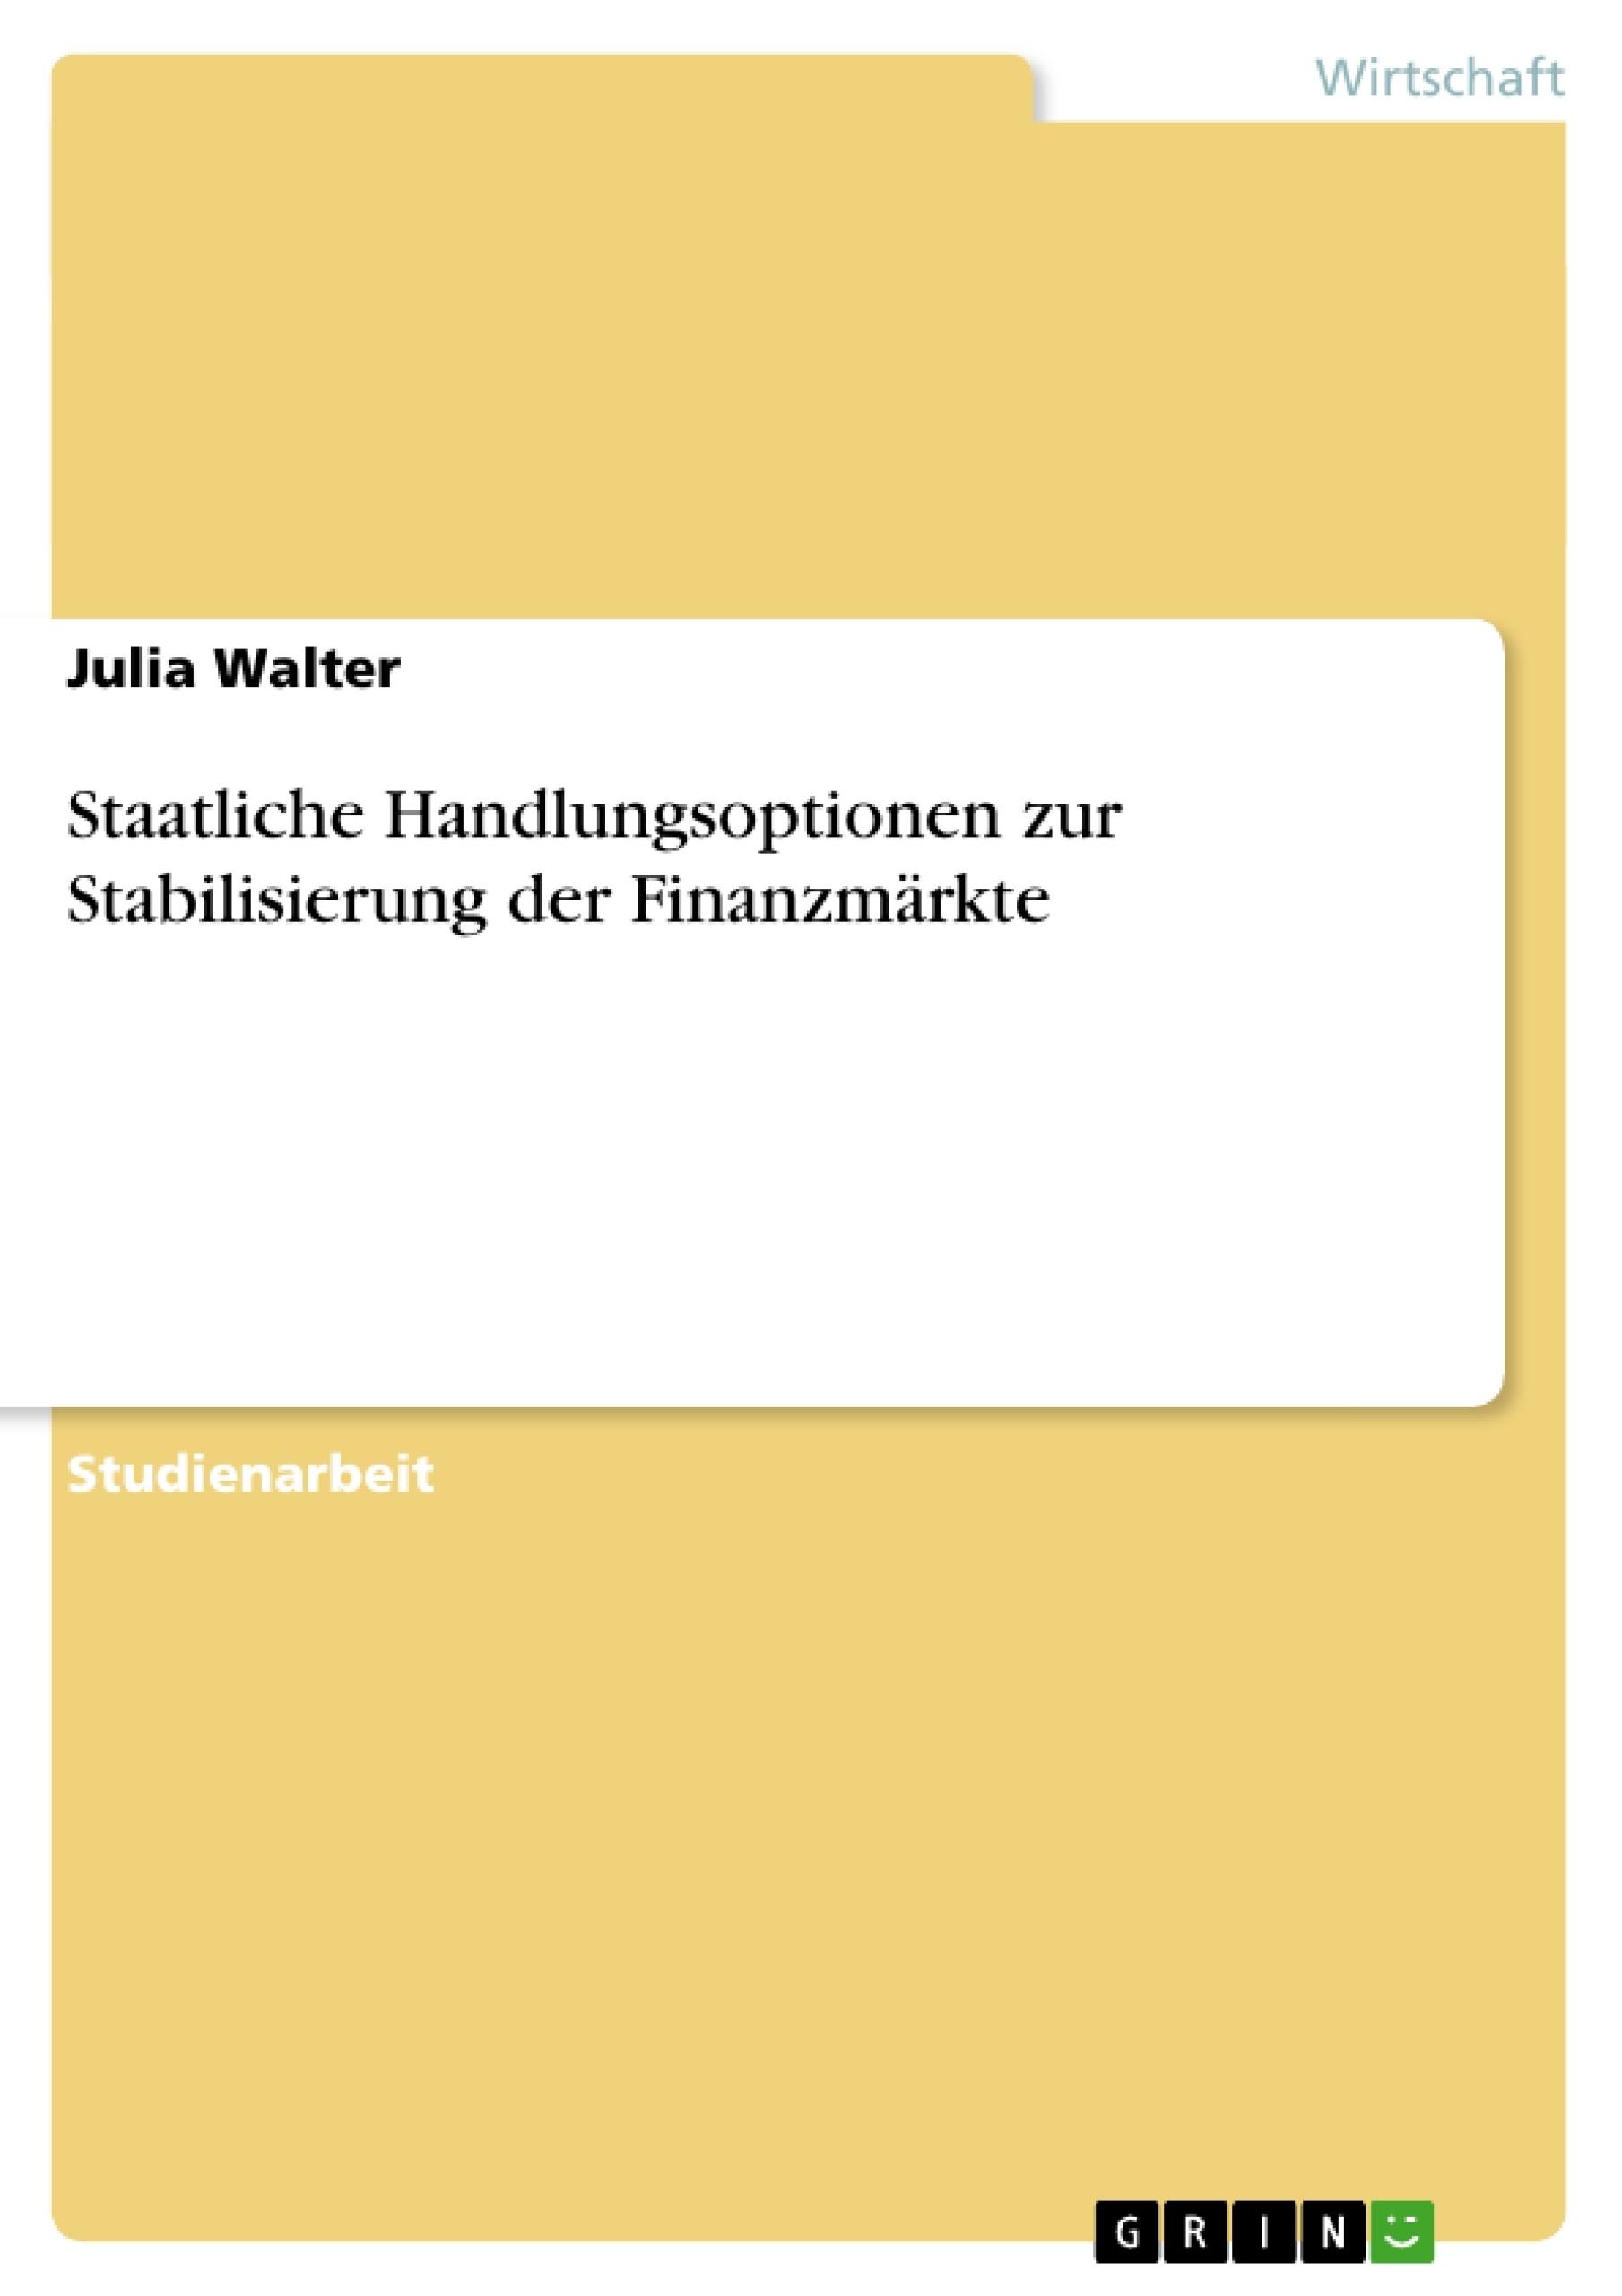 Titel: Staatliche Handlungsoptionen zur Stabilisierung der Finanzmärkte